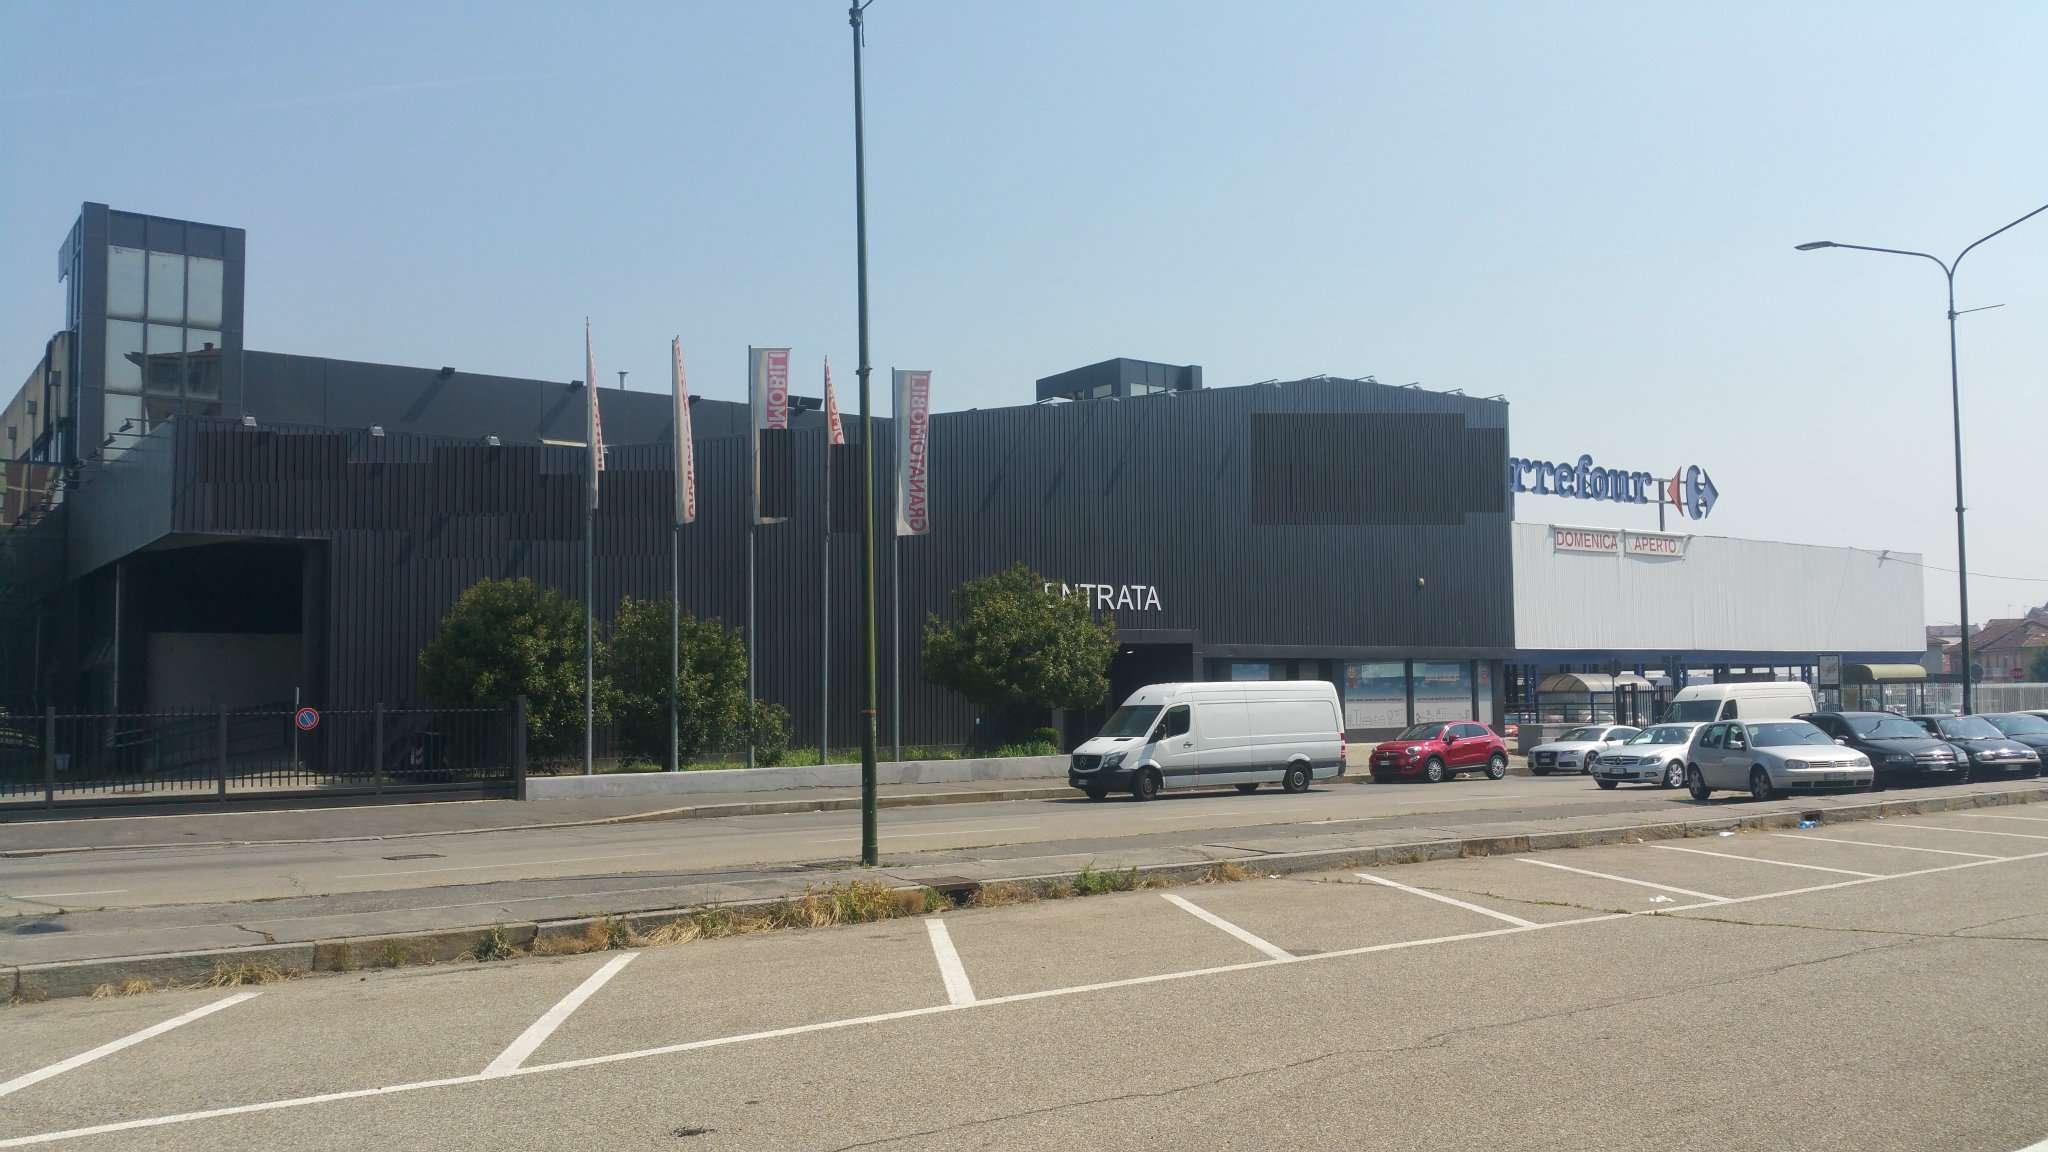 Immagine immobiliare LOCALE COMMERCIALE DI 310MQ VICINO JUVENTUS STADIUM Disponiamo in zona Juventus Stadium, confinante con il centro commerciale Carrefour, di fortissimo passaggio veicolare e pedonale, locale commerciale/magazzino di 800mq su due livelli...